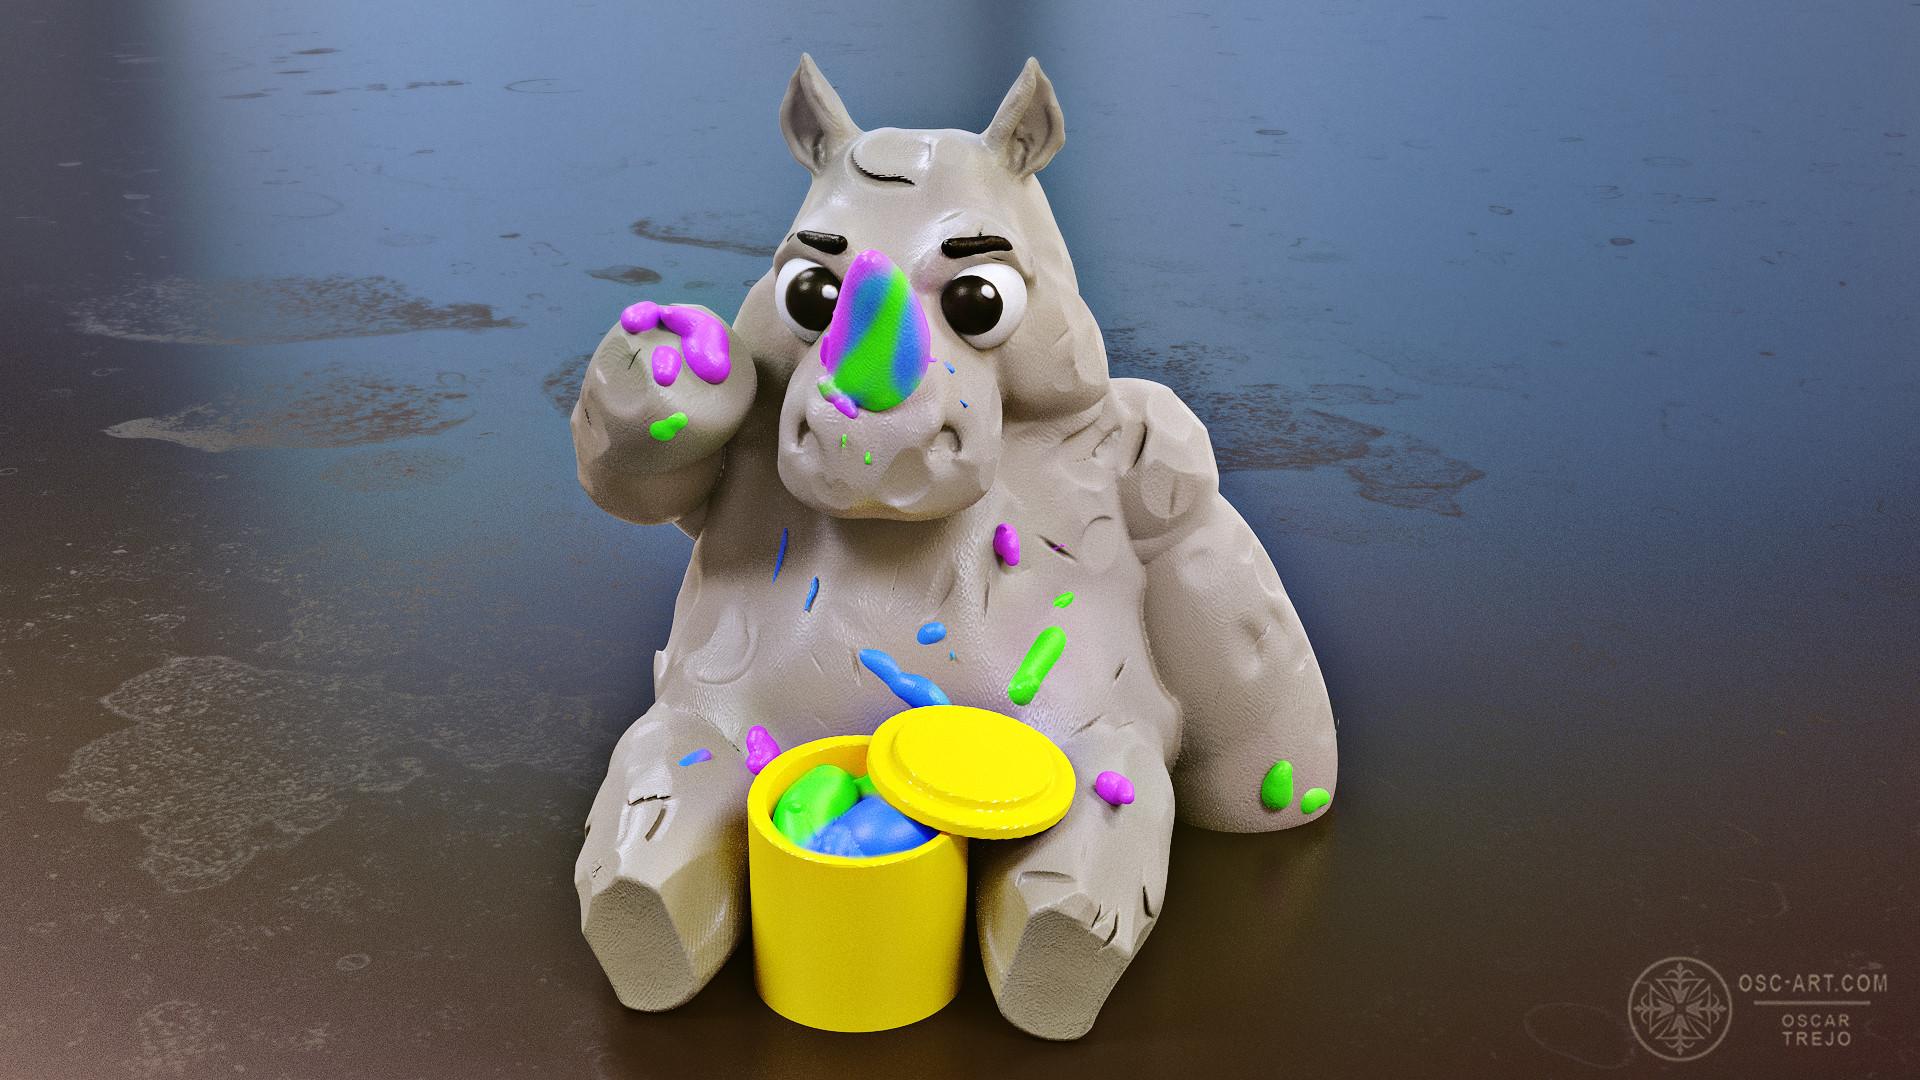 Oscar trejo rhino